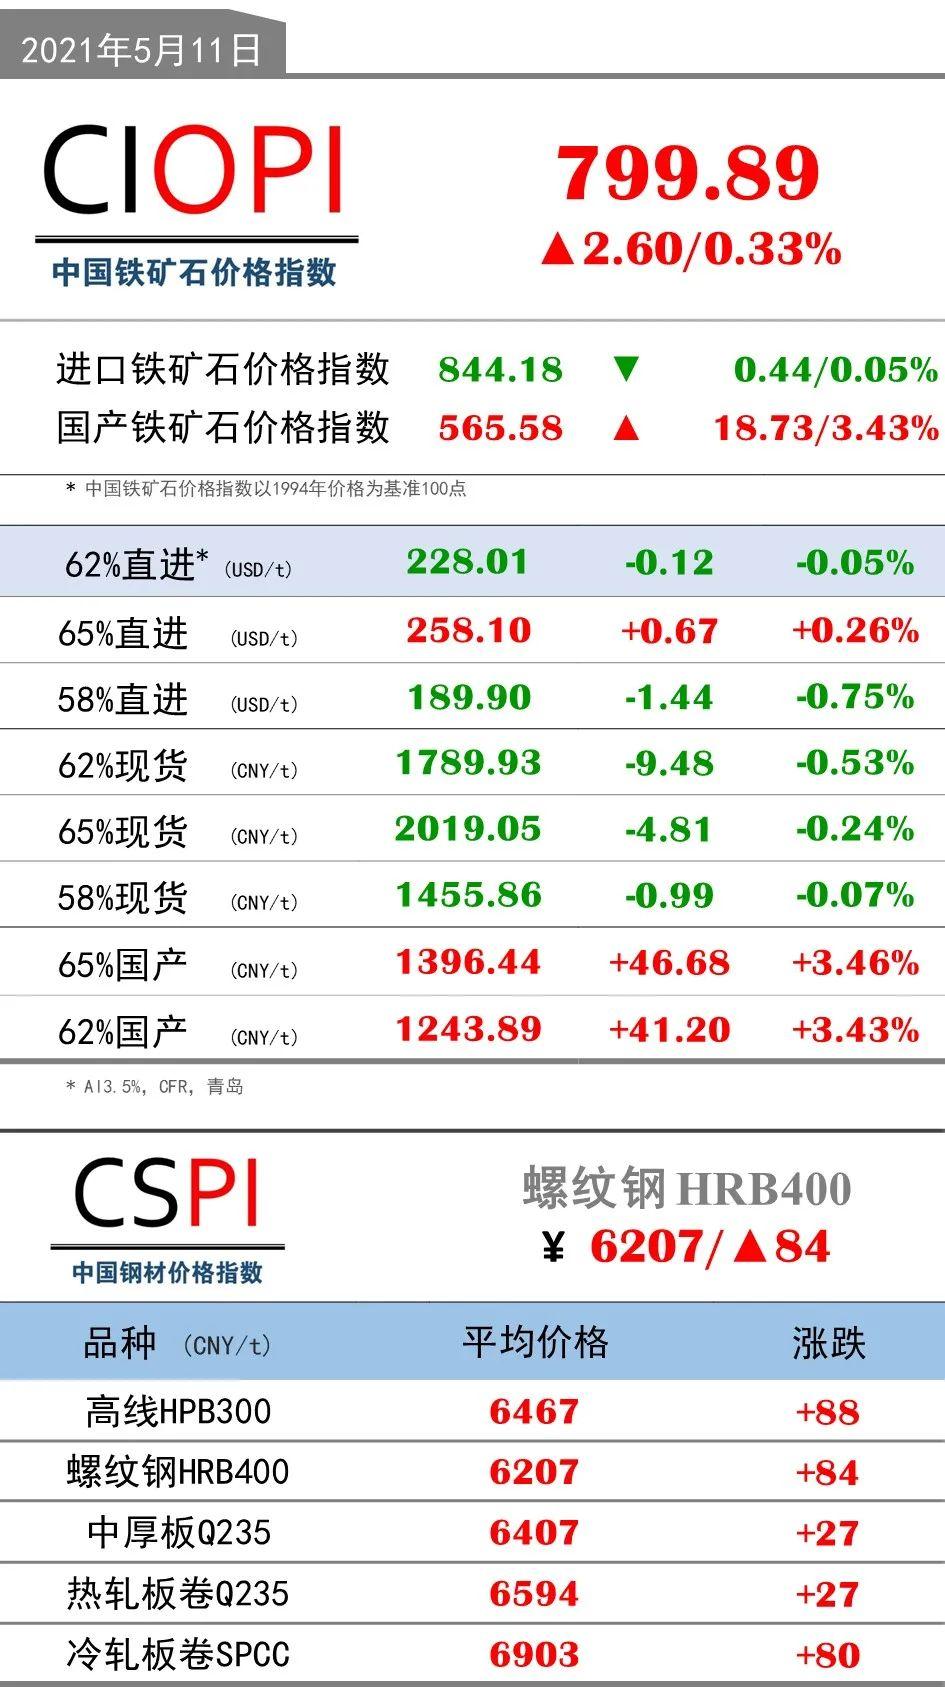 5月11日OPI 62%直进:228.01(-0.12/-0.05%)